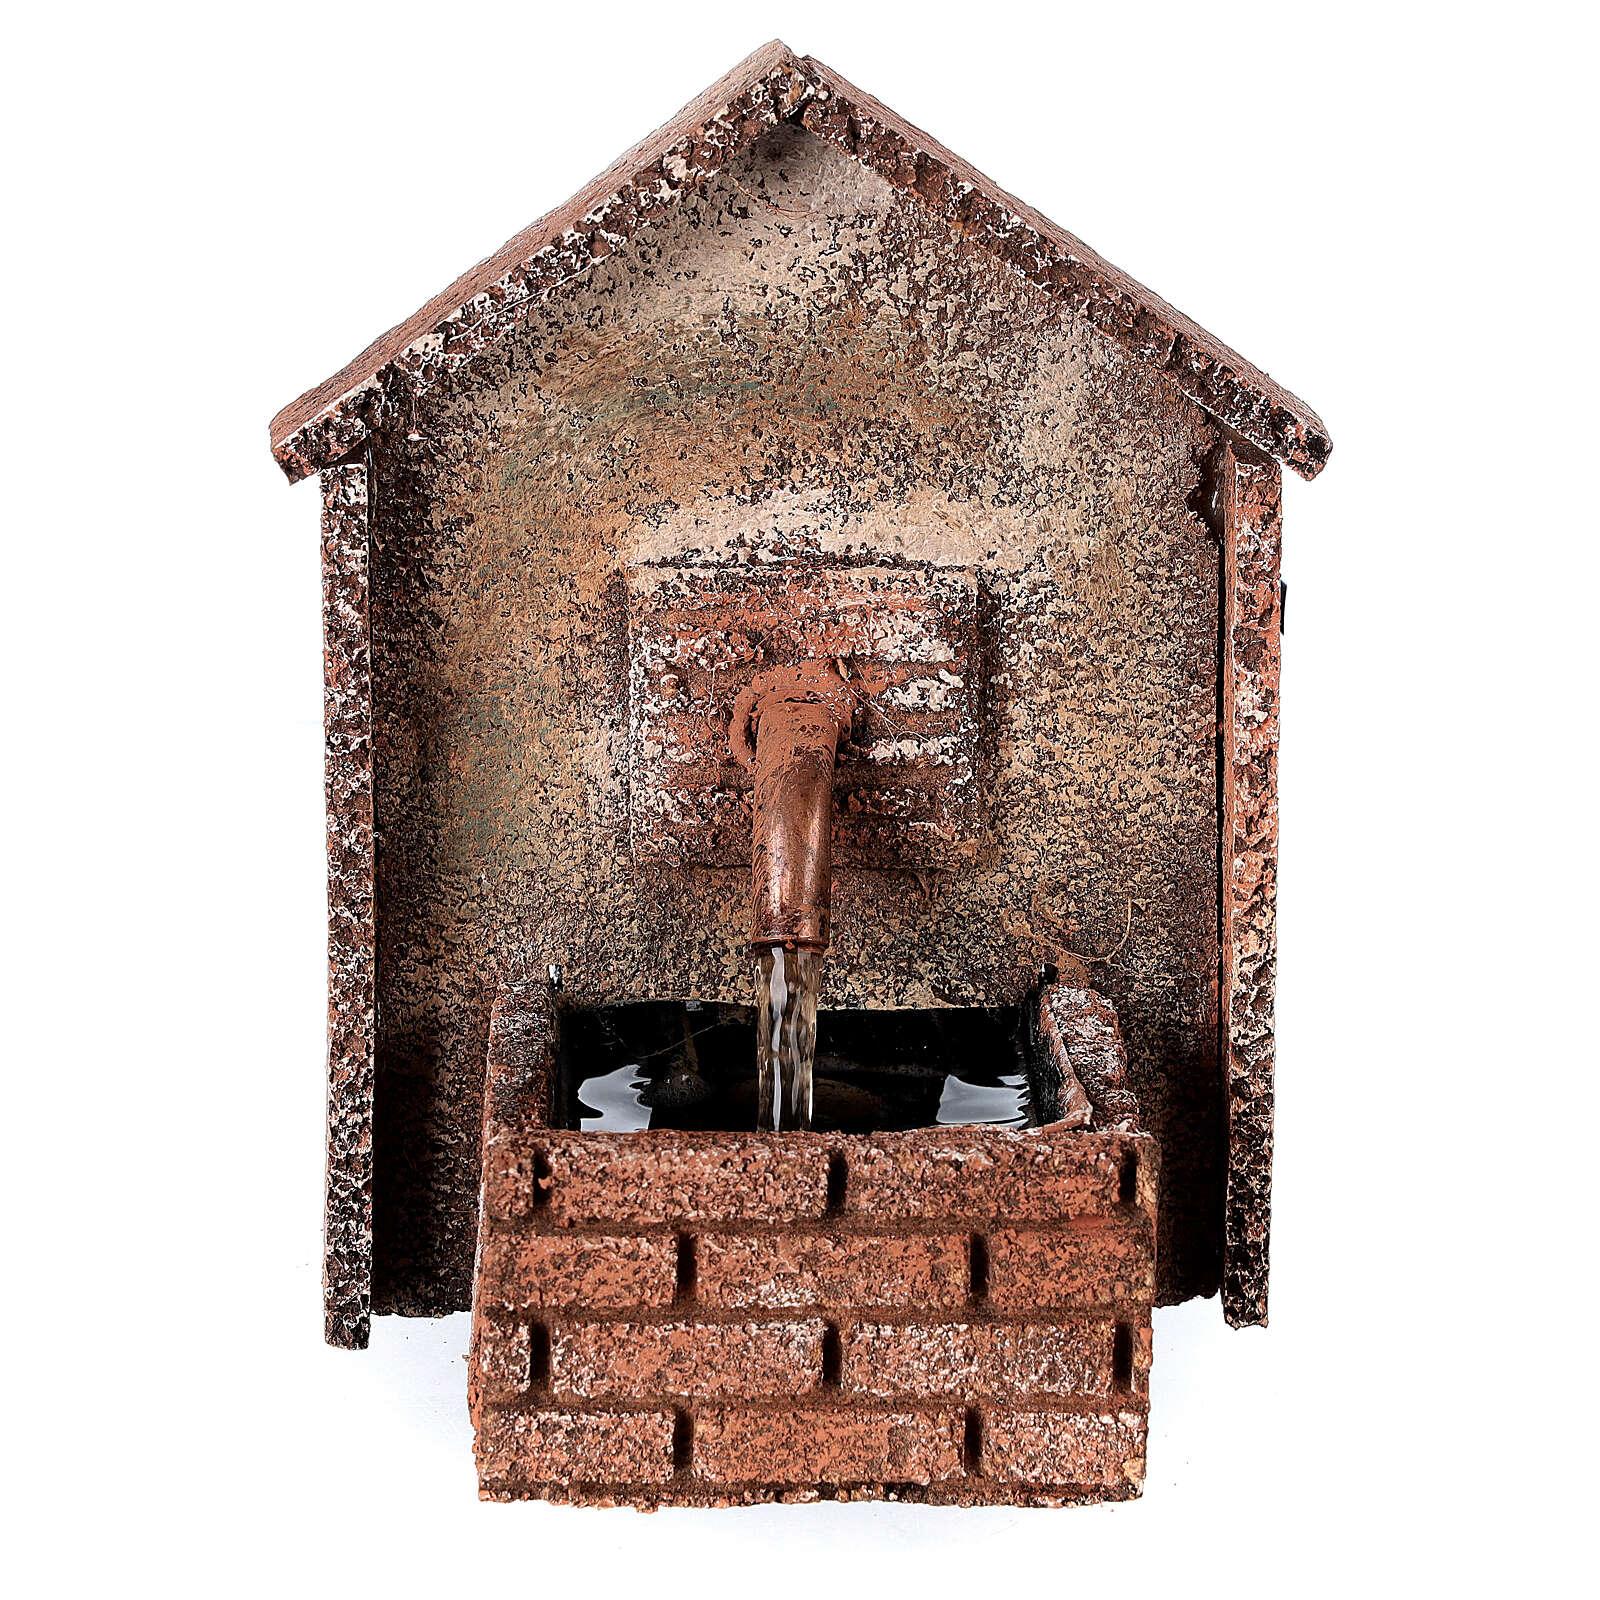 Fontana funzionante presepe napoletano 8-10 cm tettuccio spiovente 14x10x10 cm 4